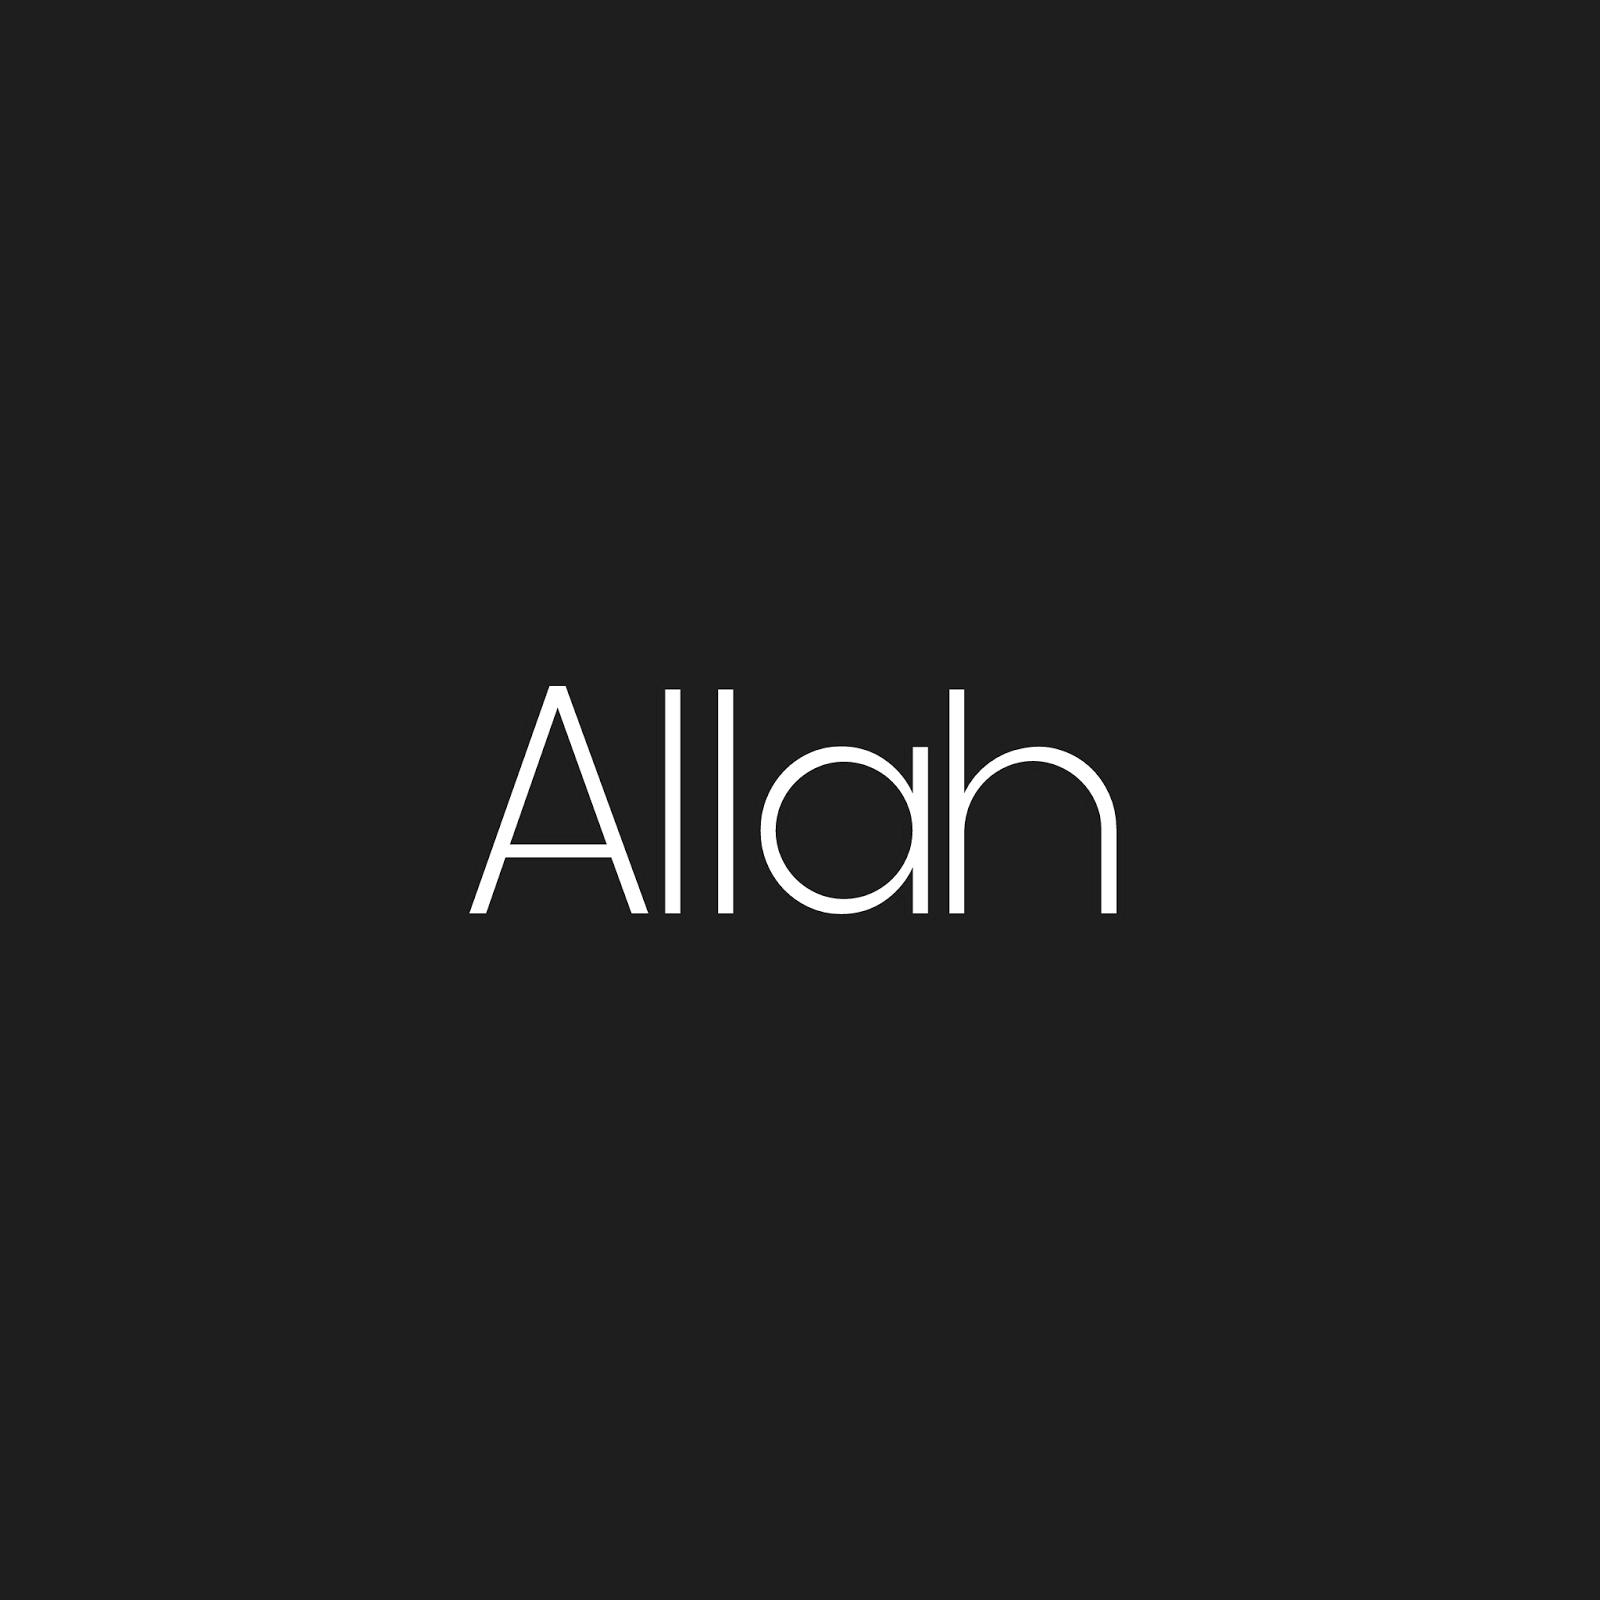 Simple Wallpaper Name Arabic - Allah%2Bwallpaper  Gallery_682886.png